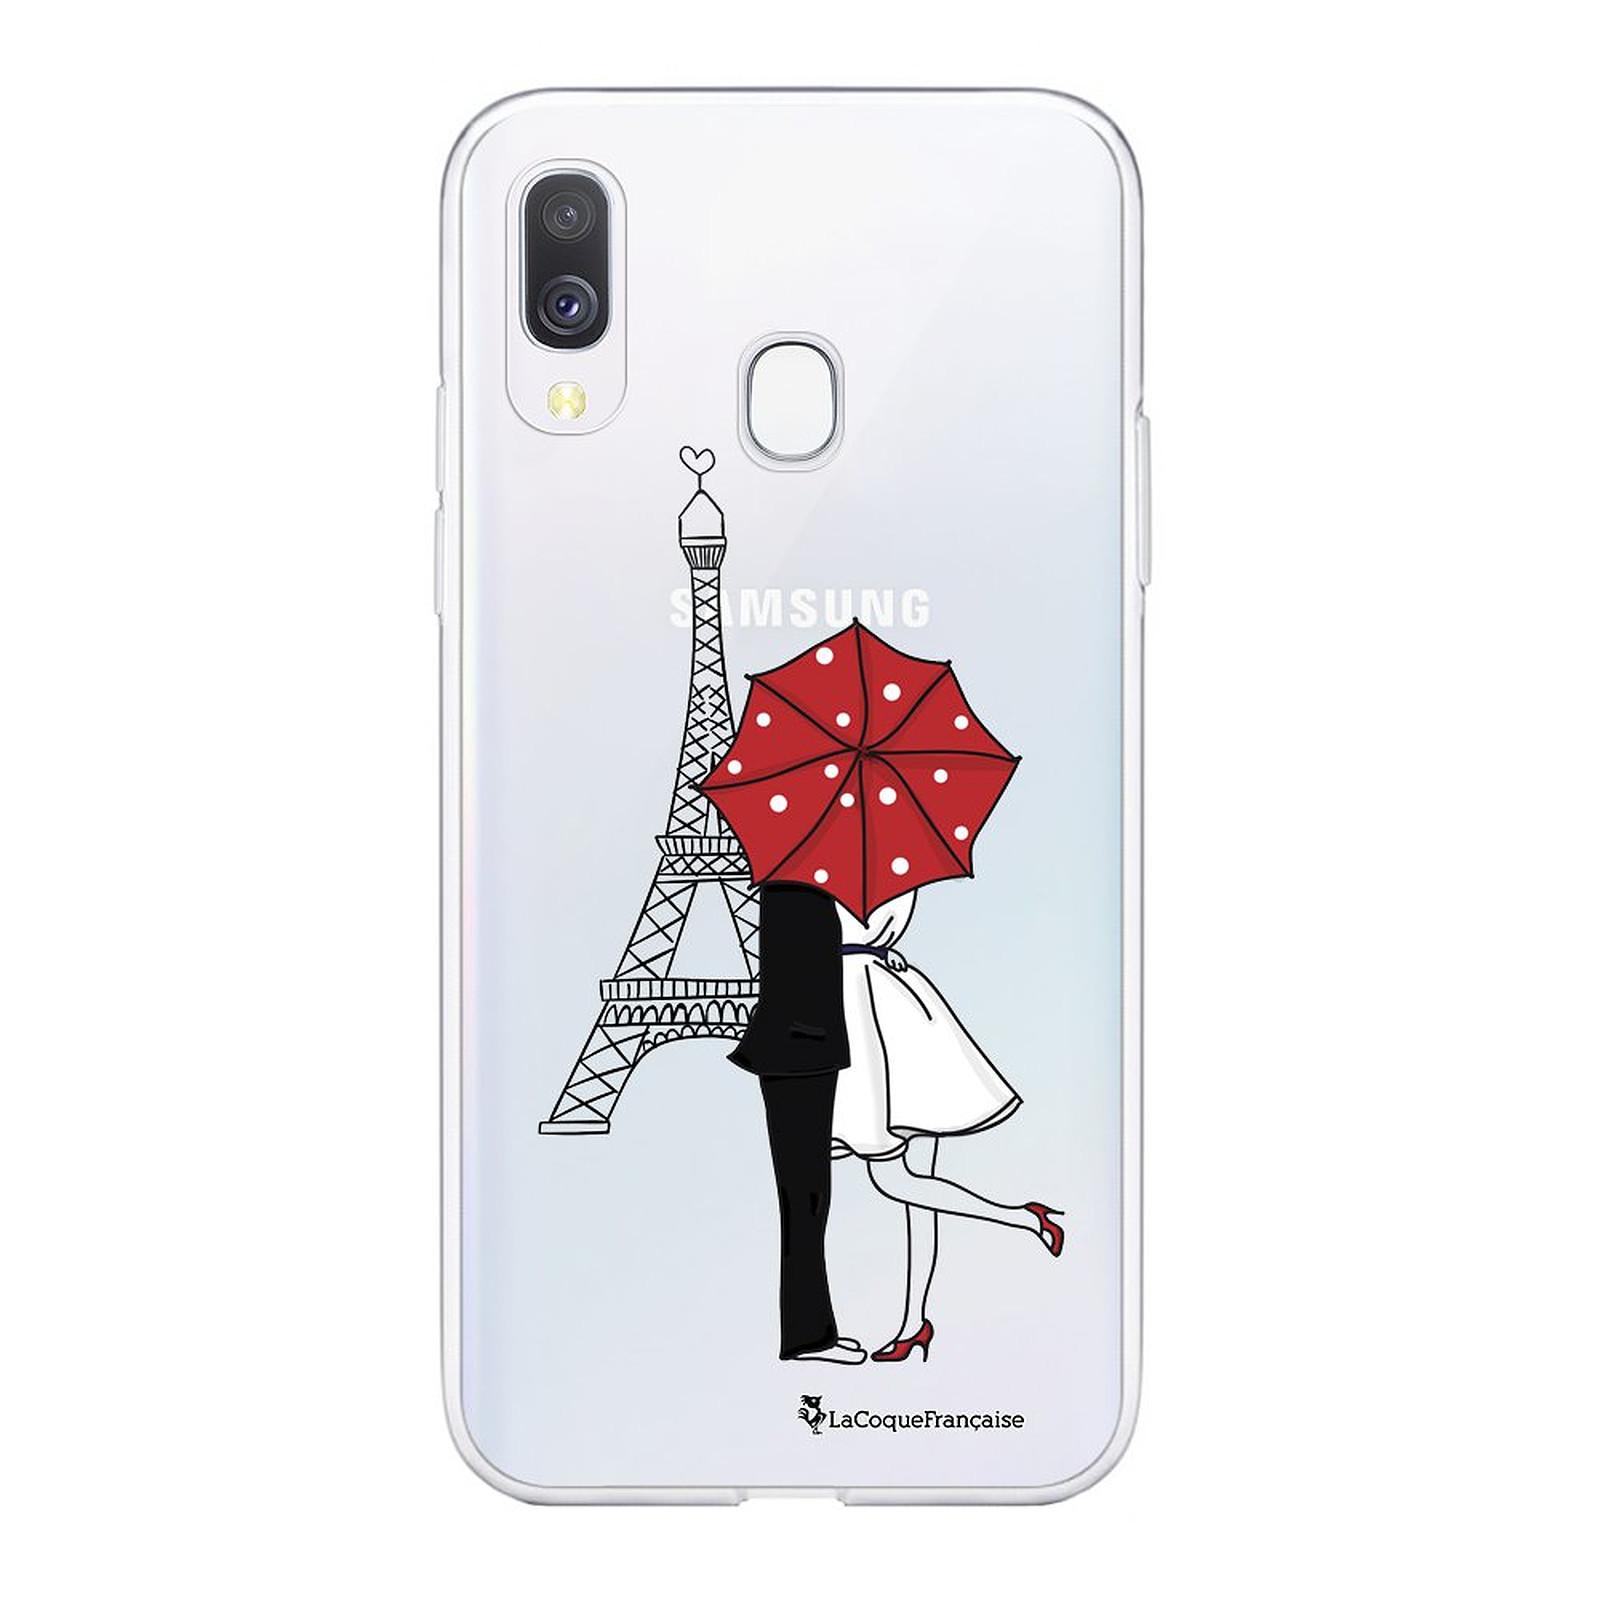 LA COQUE FRANCAISE Coque Samsung Galaxy A20e souple transparente Amour à Paris - Coque téléphone LaCoqueFrançaise sur LDLC.com